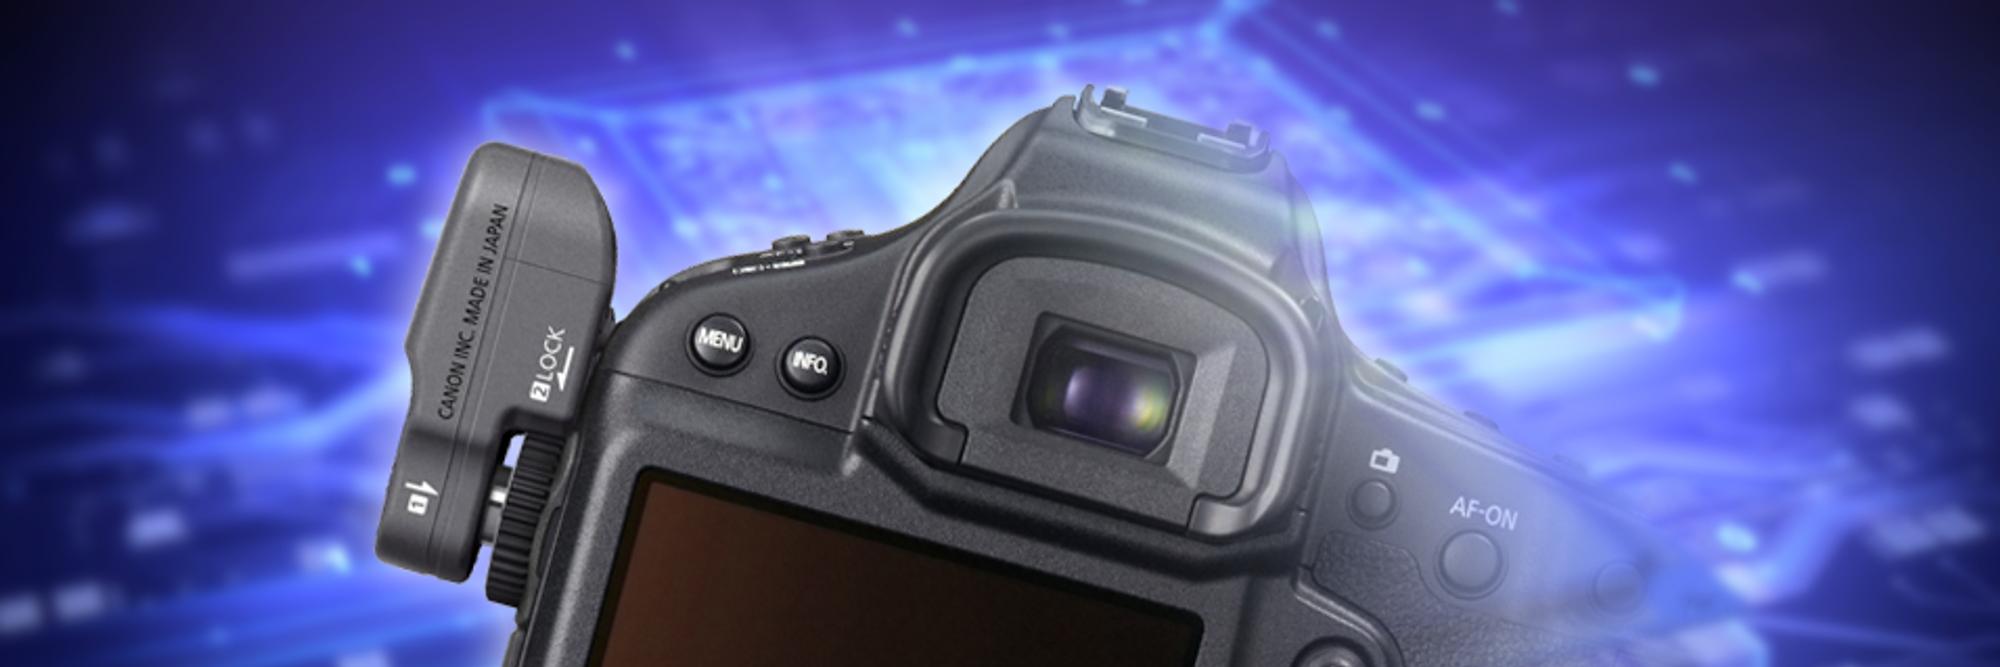 Kameraet ditt kan bli hacket!